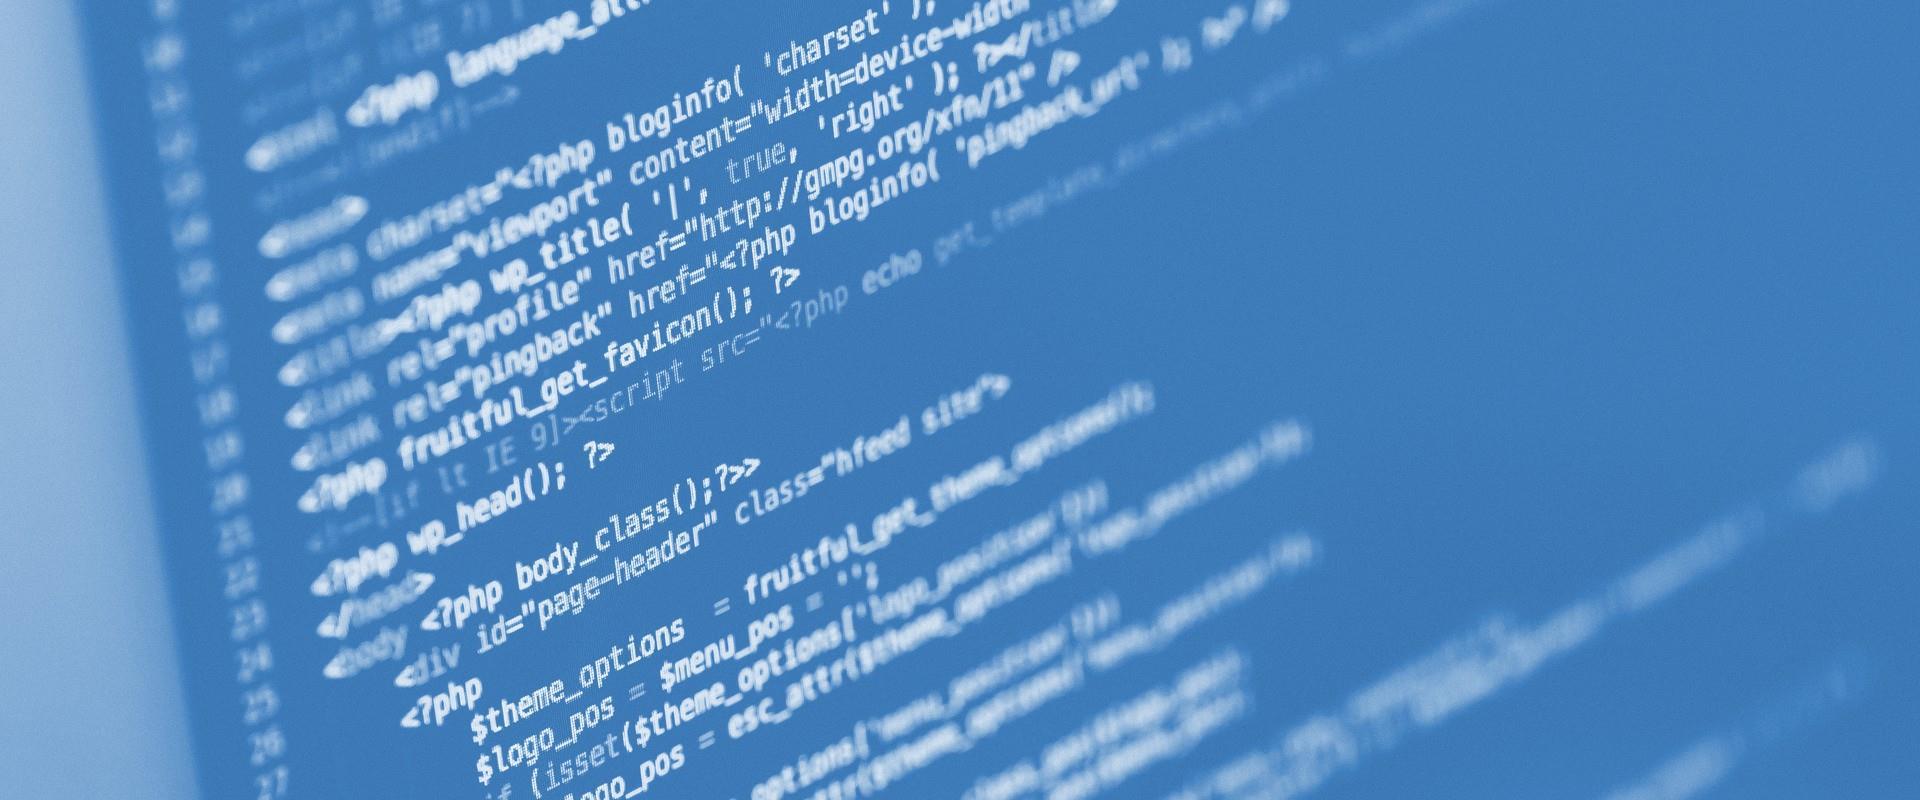 Wdrażanie i serwis oprogramowania